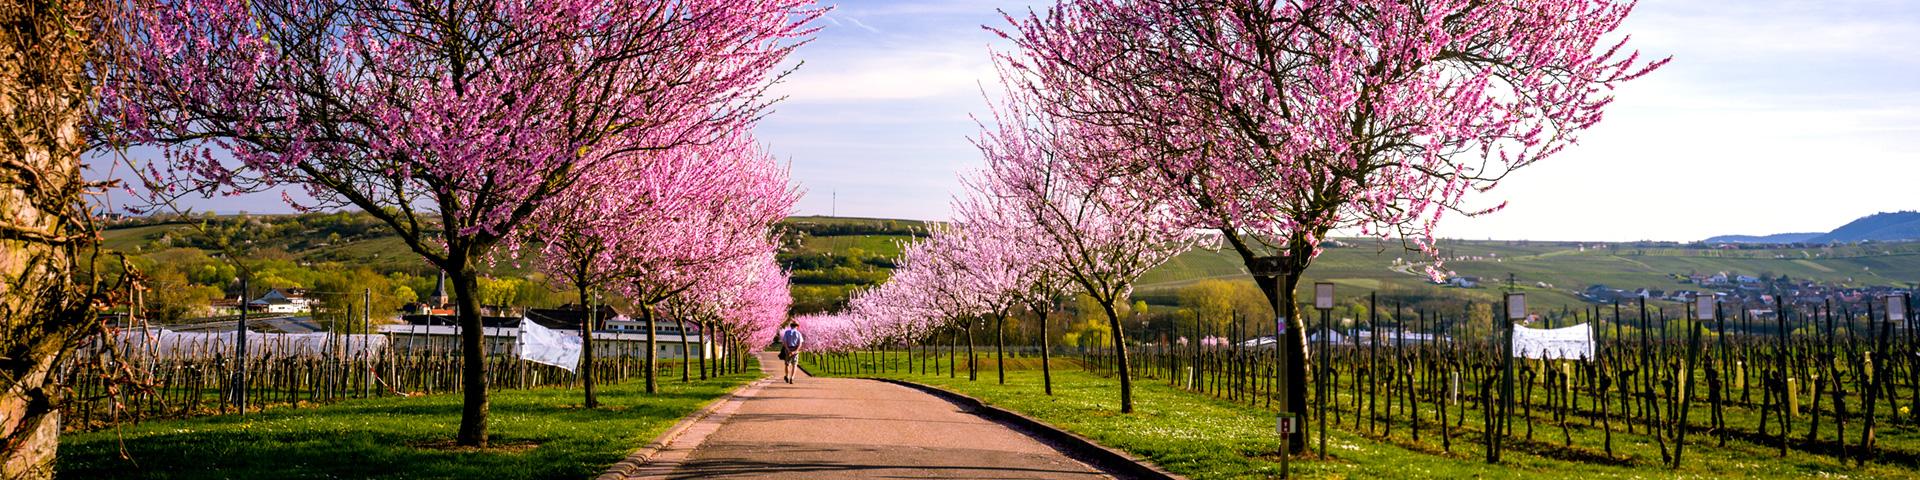 Mandelblüte rund um den Geilweilerhof